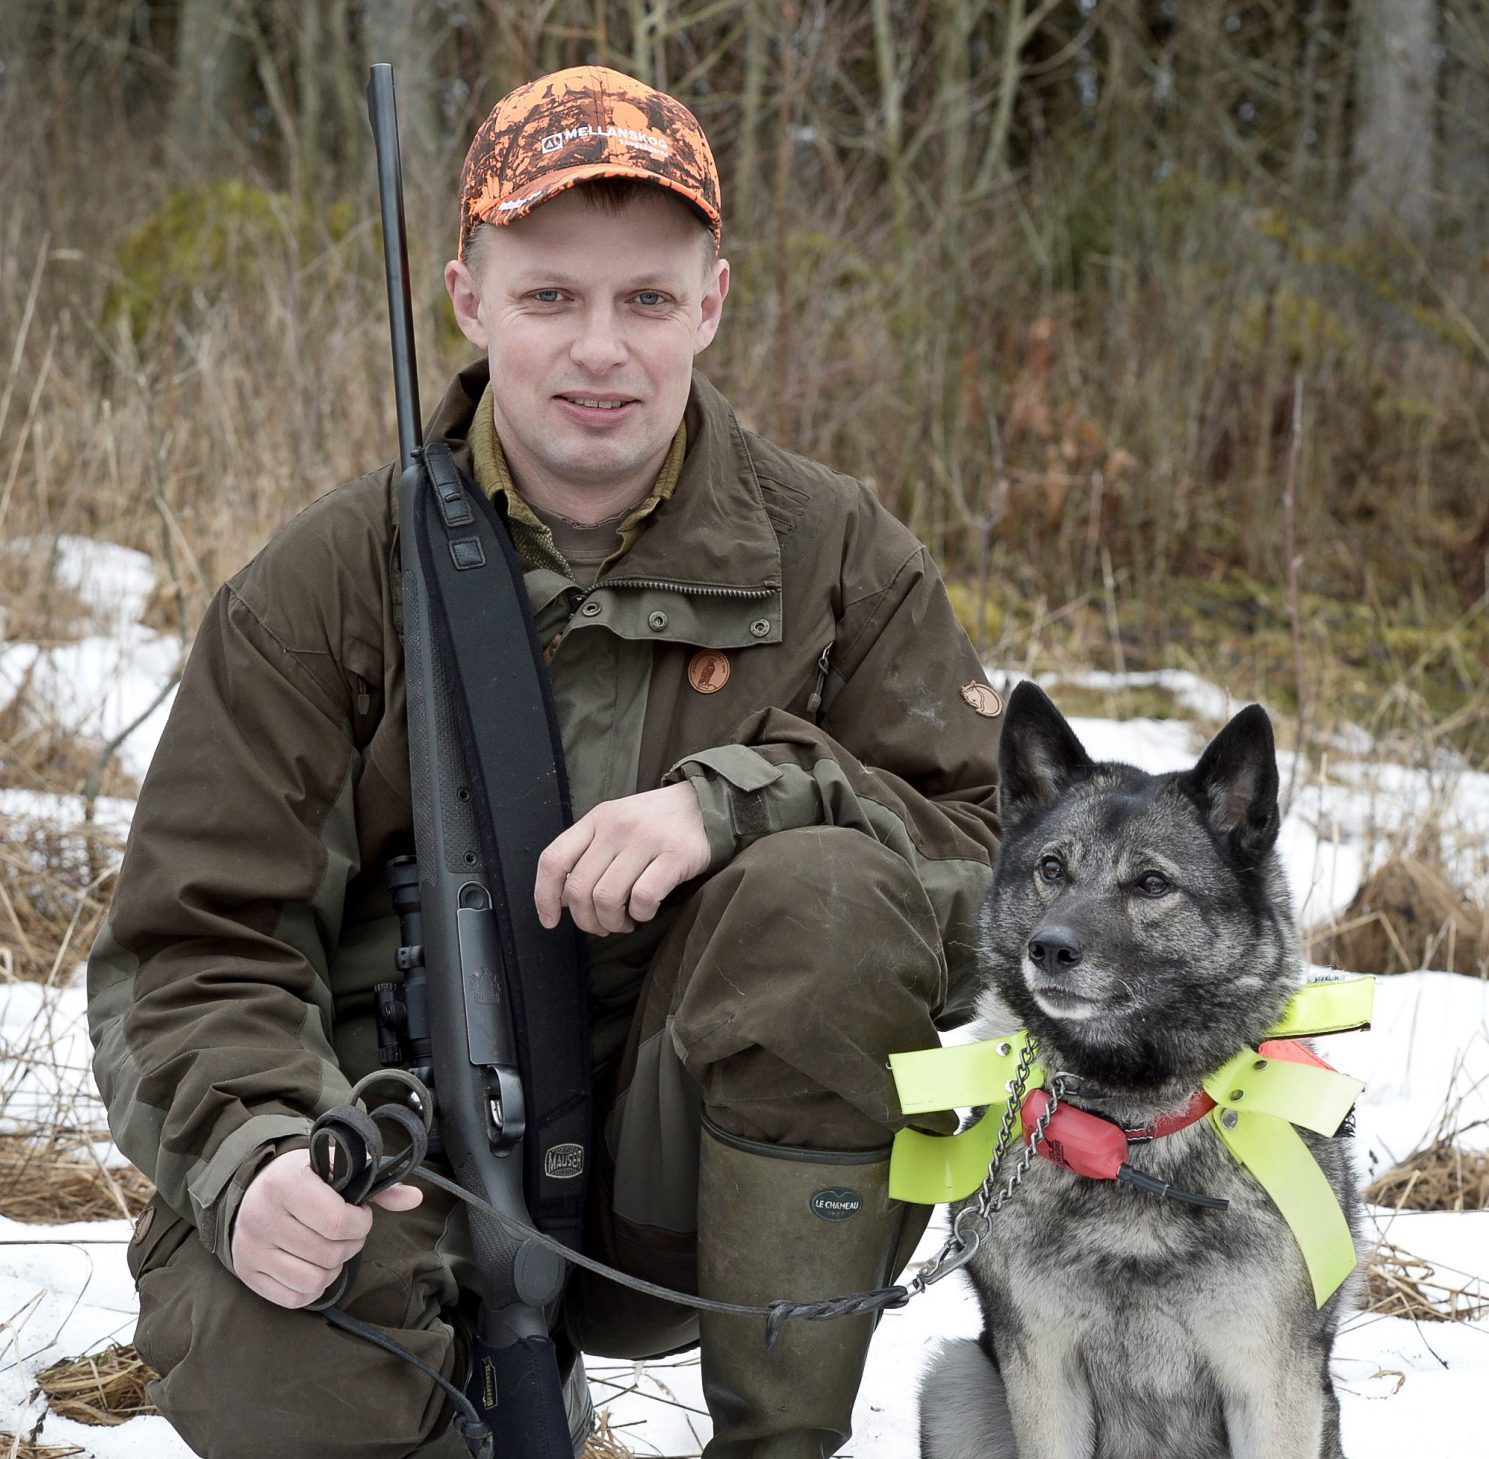 Björn Eek, jakthundansvarig i Svenska Kennelklubben fick sin jaktchampion Dalsjöns Minna skadad i ett hundslagsmål. Motpartens försäkringsbolag hävdar att han tog en medveten risk när han släppte hunden under älgjakt. Foto: privat